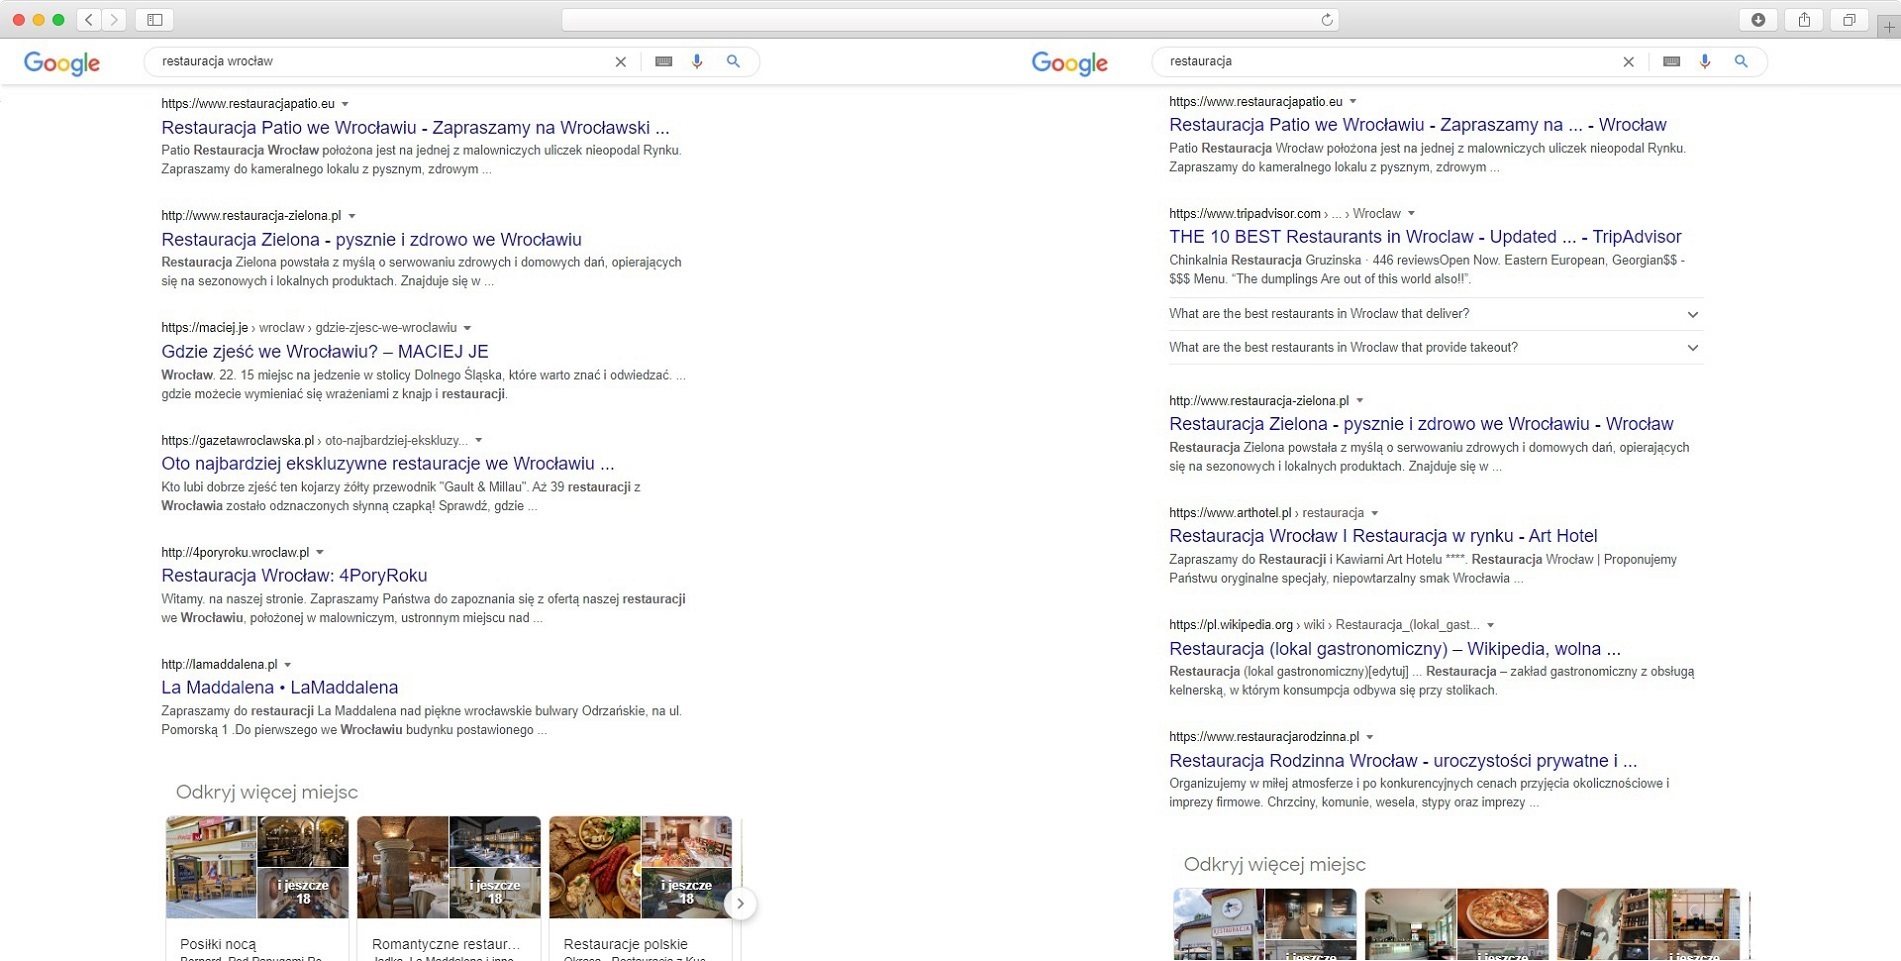 lokalne wyniki wyszukiwania